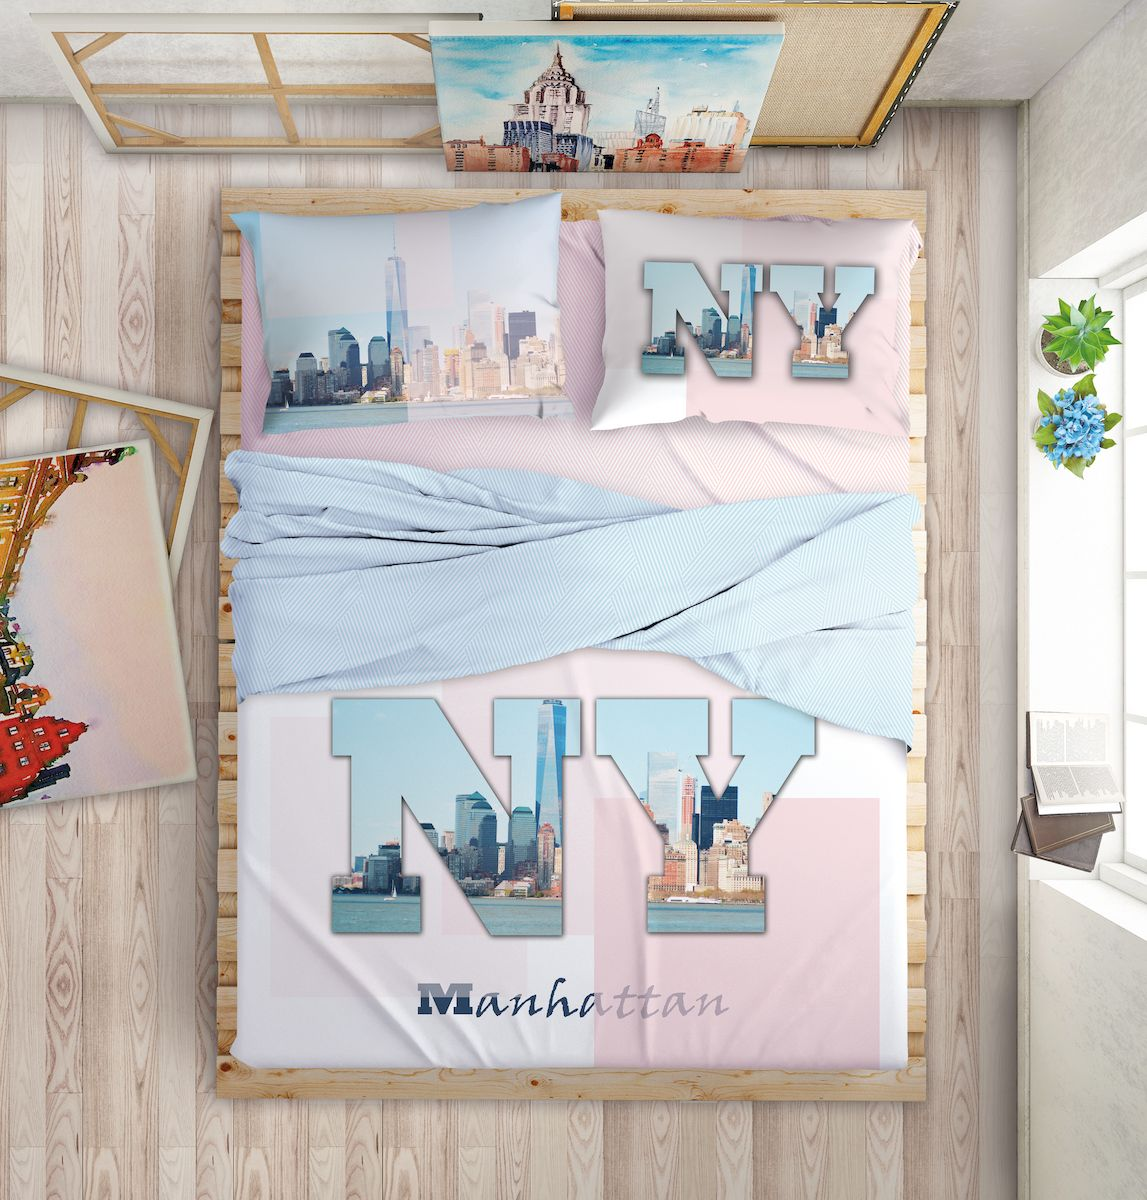 Комплект белья Love Me Manhattan Dreams, 2-спальный, наволочки 50х70, 70х70, цвет: голубой, розовый198971Международный бренд для молодых, современных, стильных. Love Me - бренд качественного постельного белья, для молодых людей, создающий ощущение комфорта, защищенности и уюта. При этом - модный, современный, стильный. Упаковка выполнена в оригинальном стиле - имитирует модель сумки FURLA.